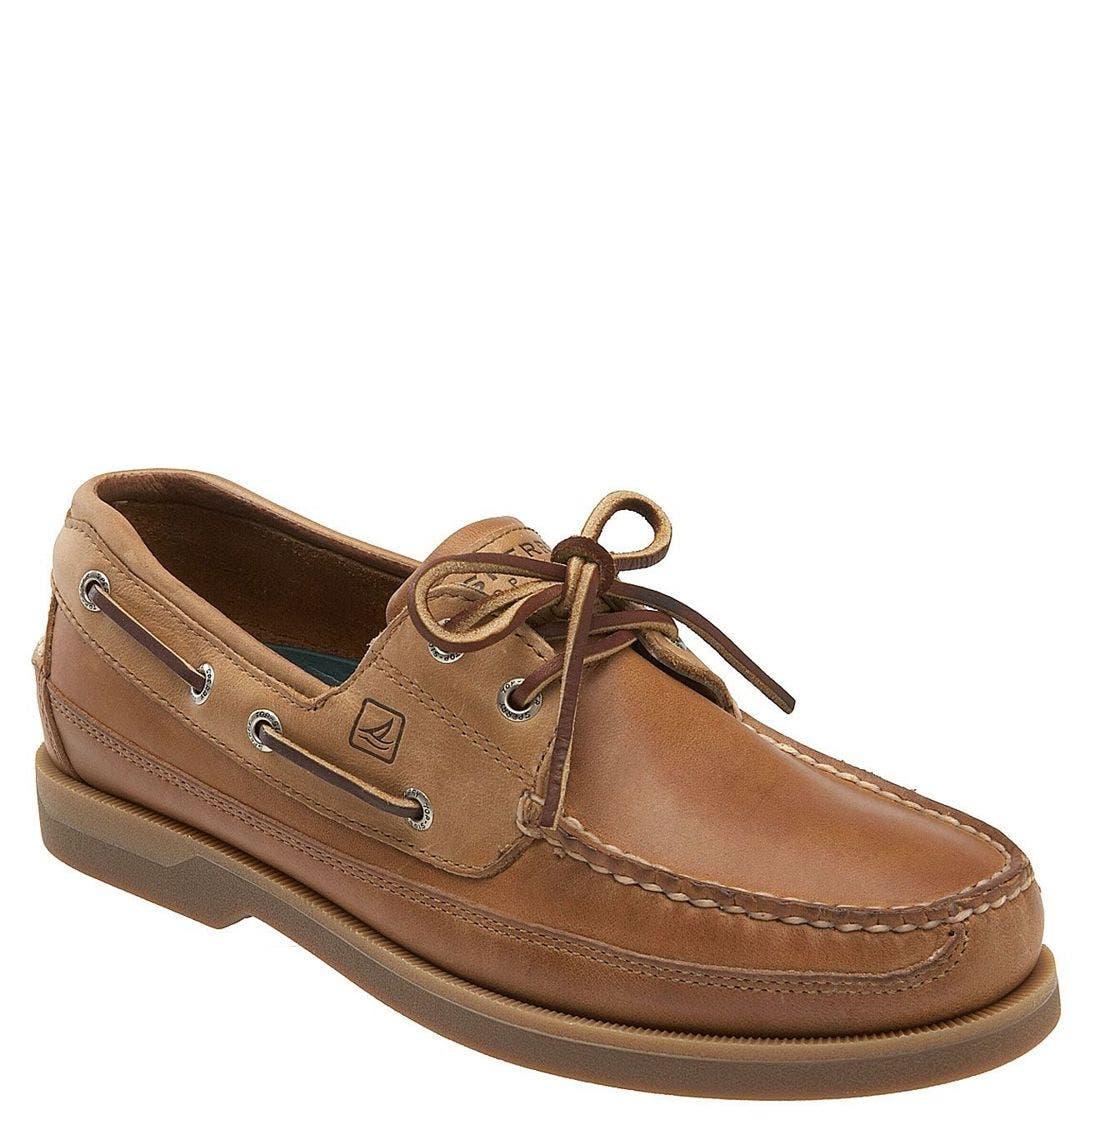 Top-Sider<sup>®</sup> 'Mako Two-Eye Canoe Moc' Boat Shoe,                             Main thumbnail 4, color,